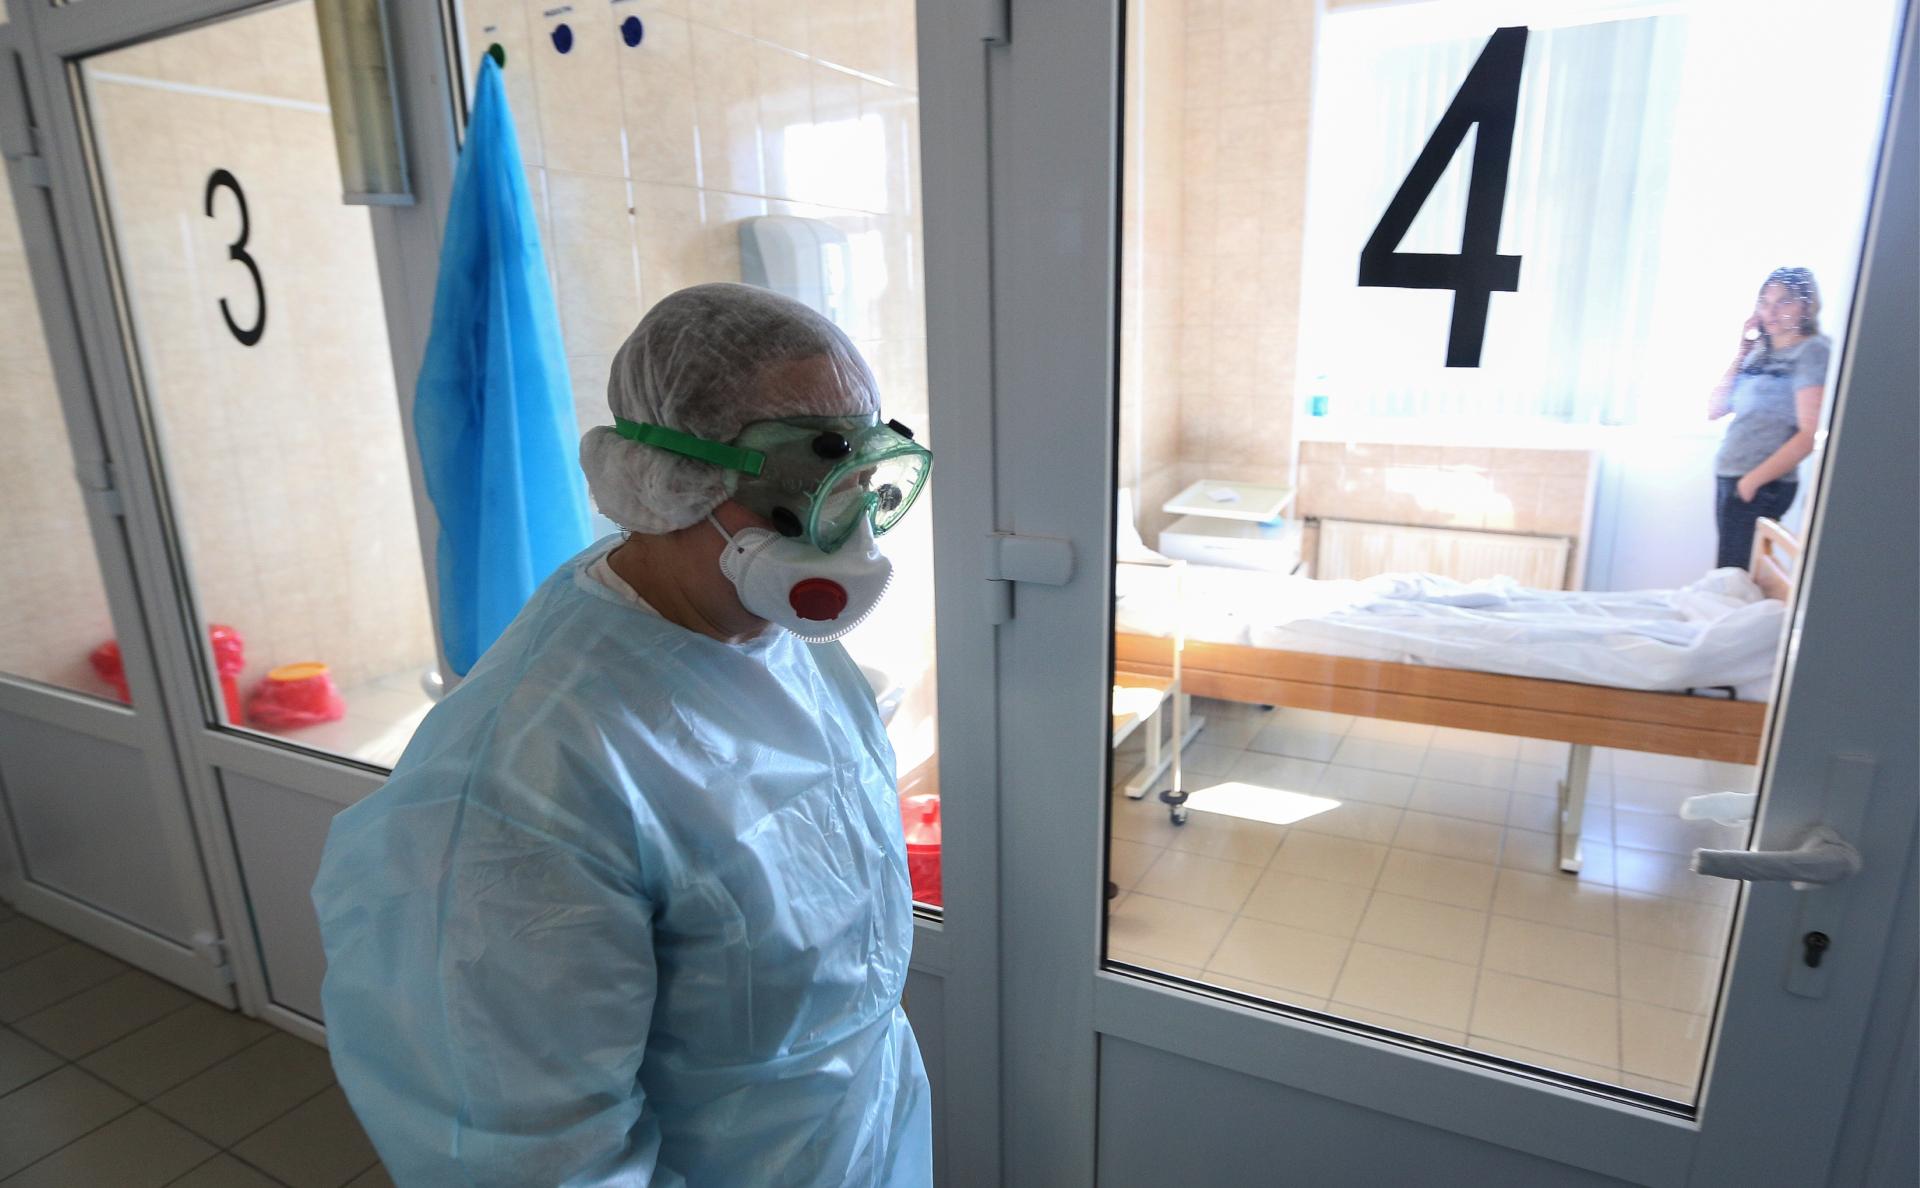 Врач в инфекционном отделении Мурманской областной больницы им. П.А. Баяндина